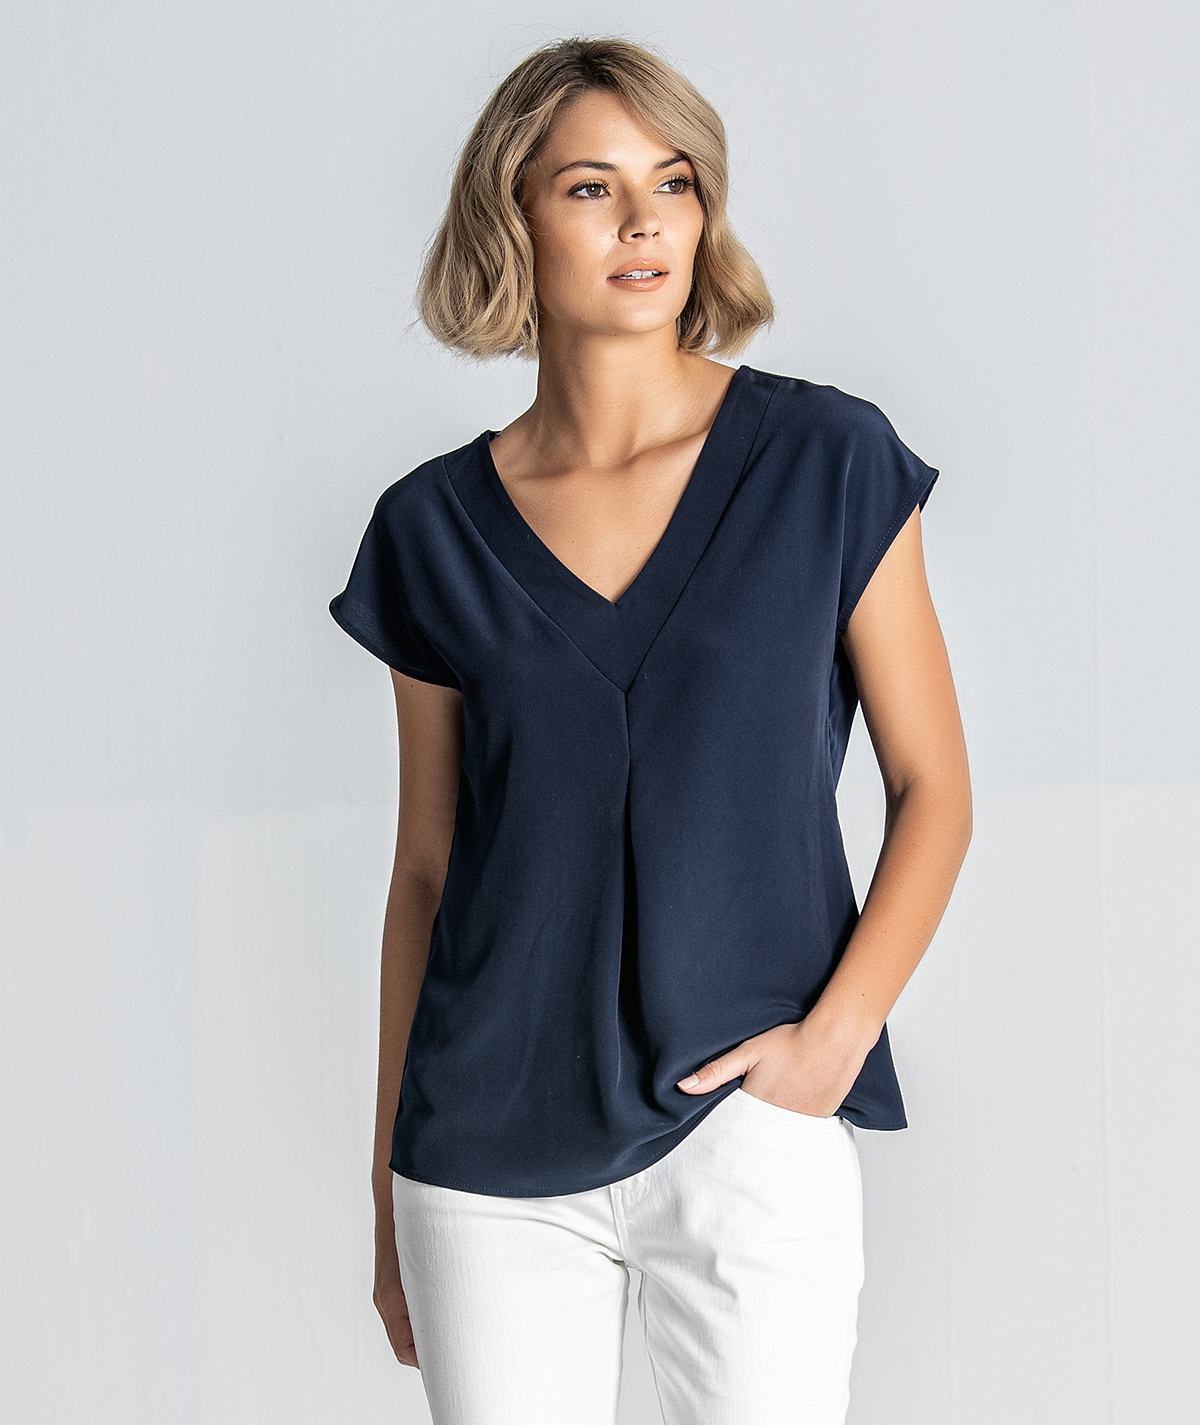 Blusa decote em V sem manga